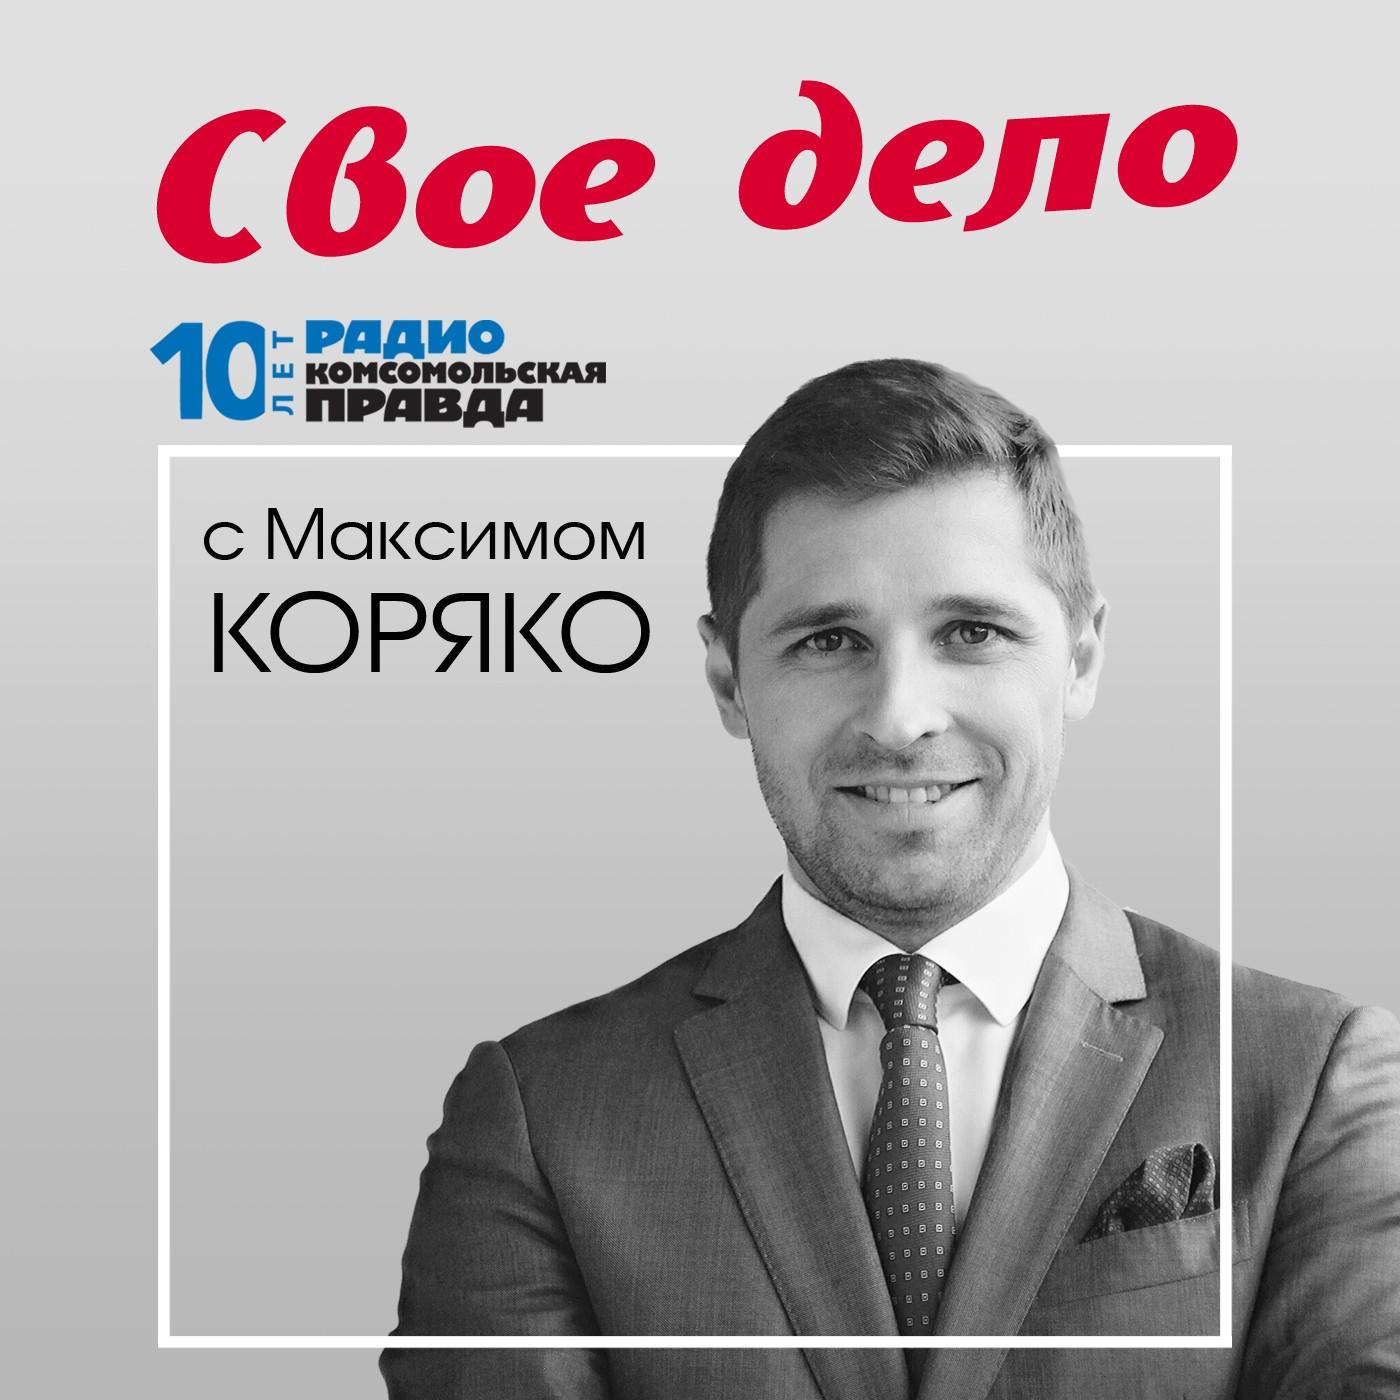 Радио «Комсомольская правда» 6 самых распространенных ошибок начинающих предпринимателей